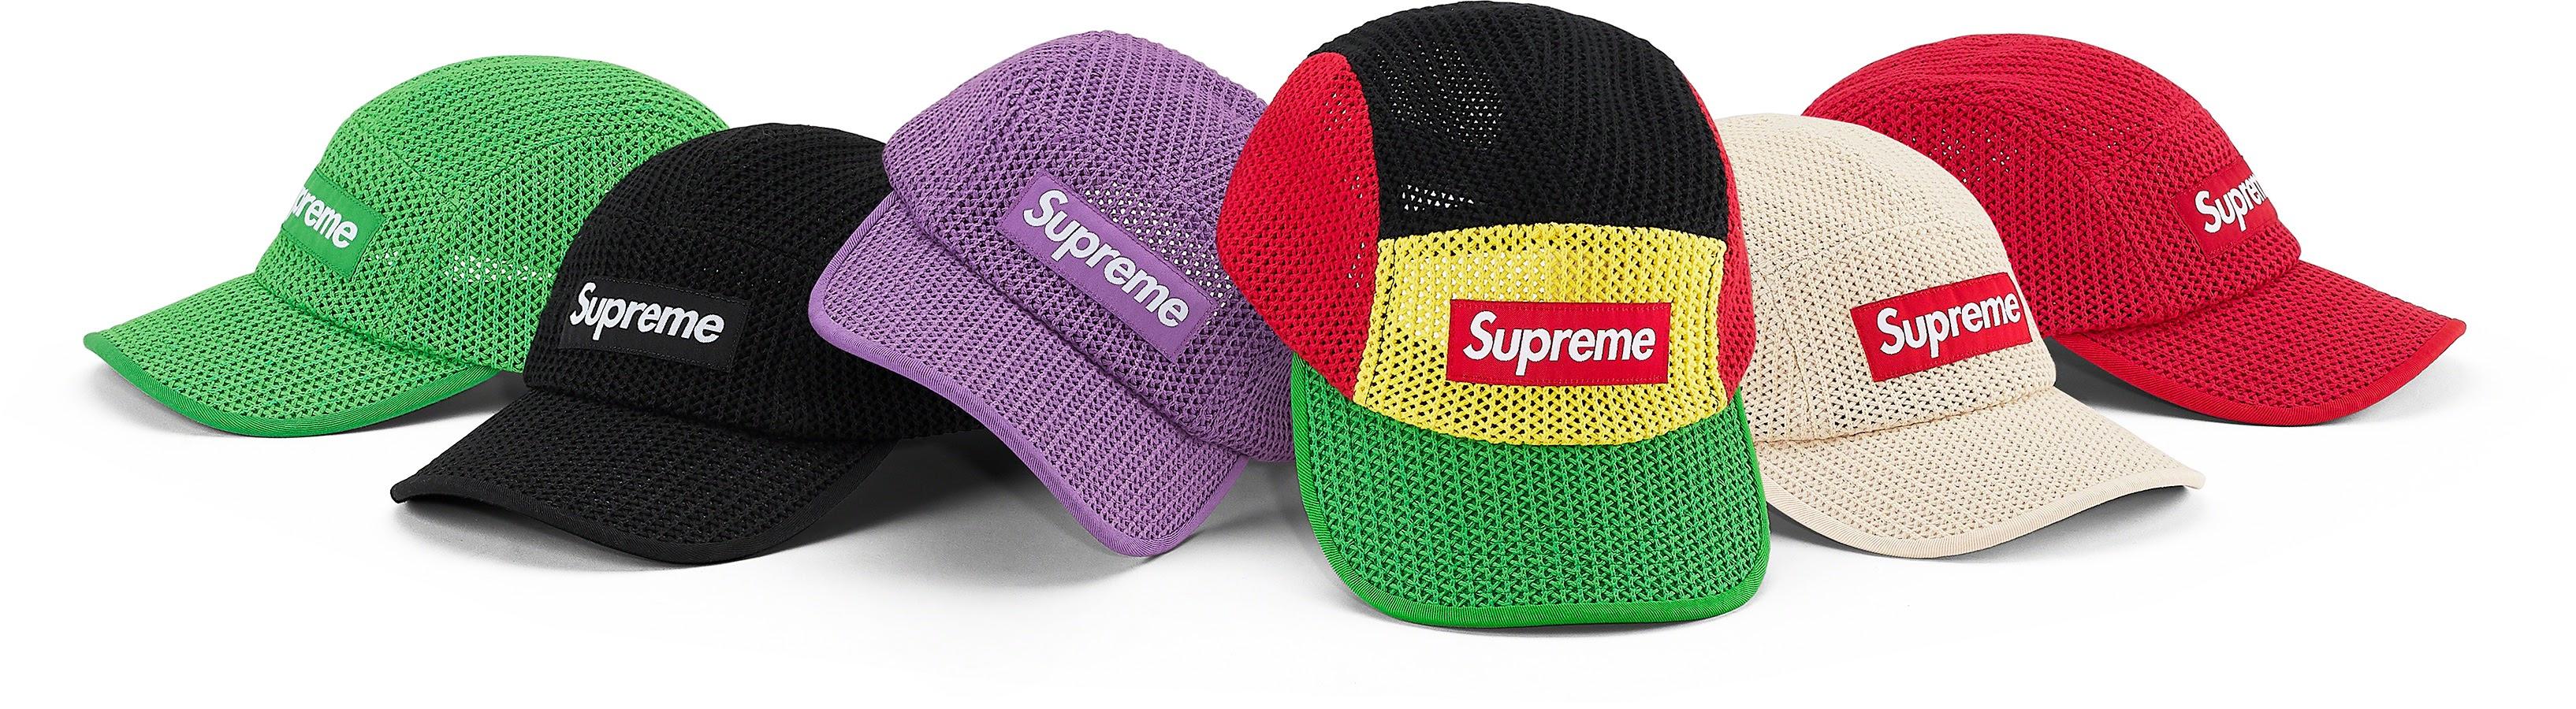 String Camp Capシュプリーム 2021年 春夏 新作 ハット Supreme 2021SS hat